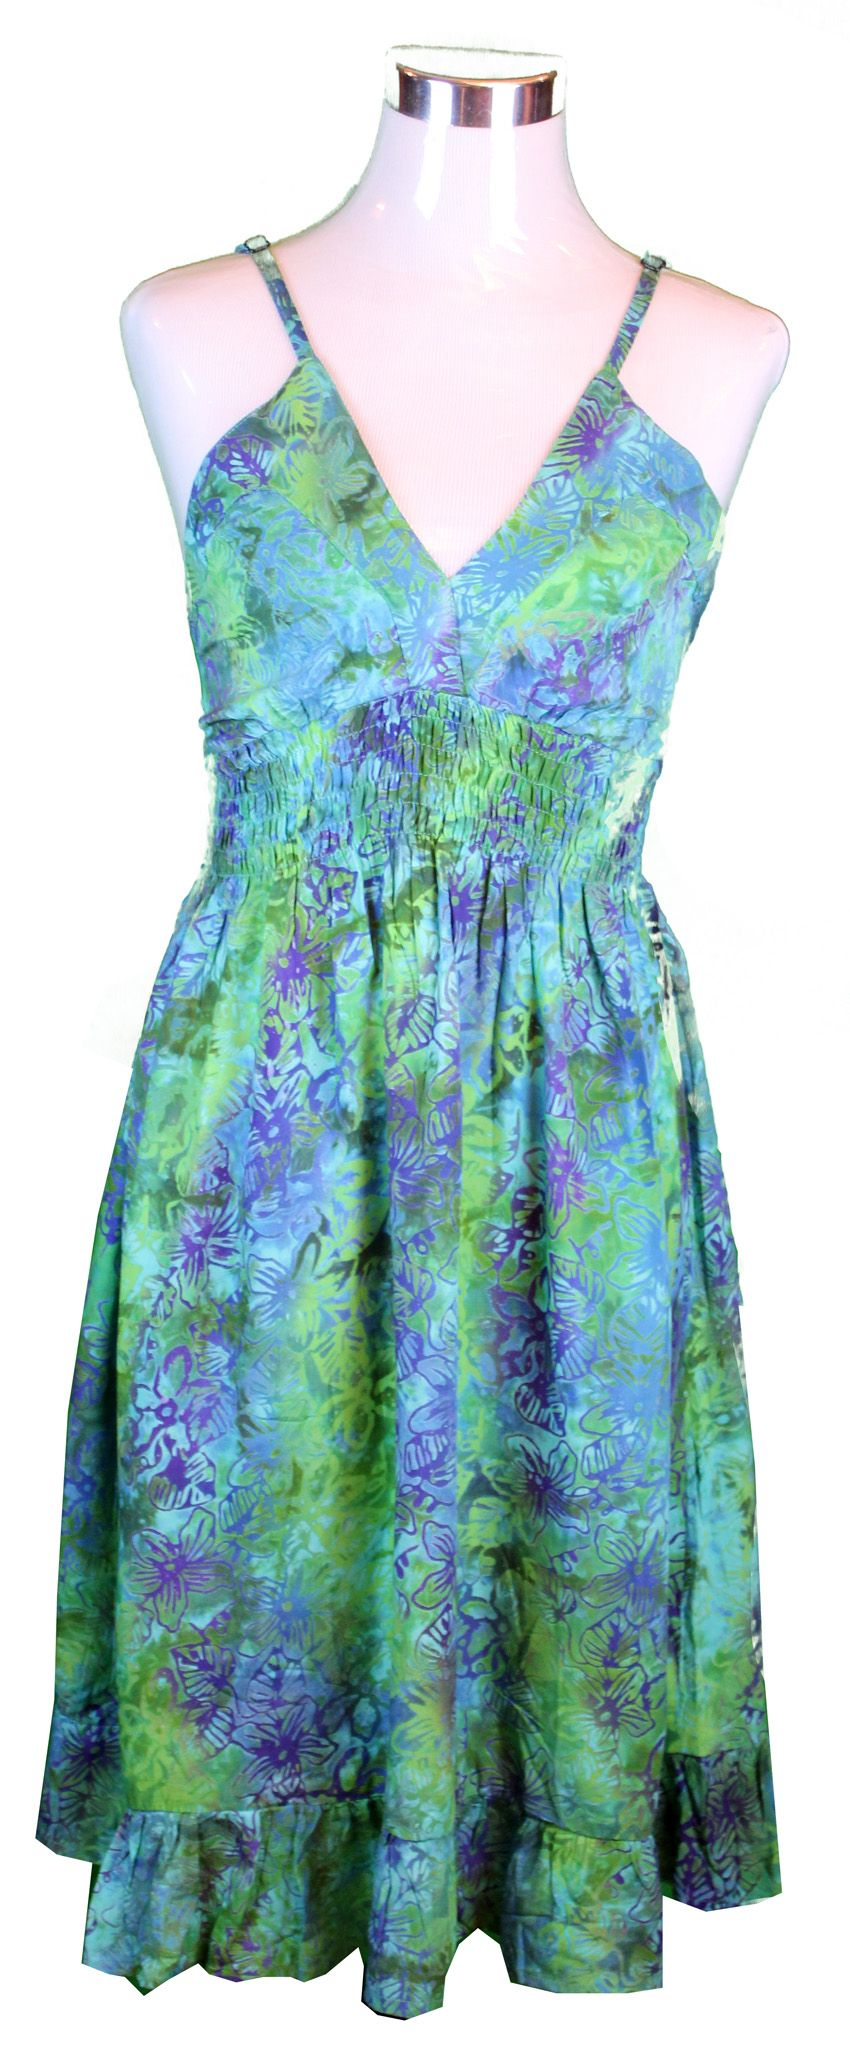 Rample Elastic Luau Dress in Green Batik Hibiscus | Luau dress, Luau ...